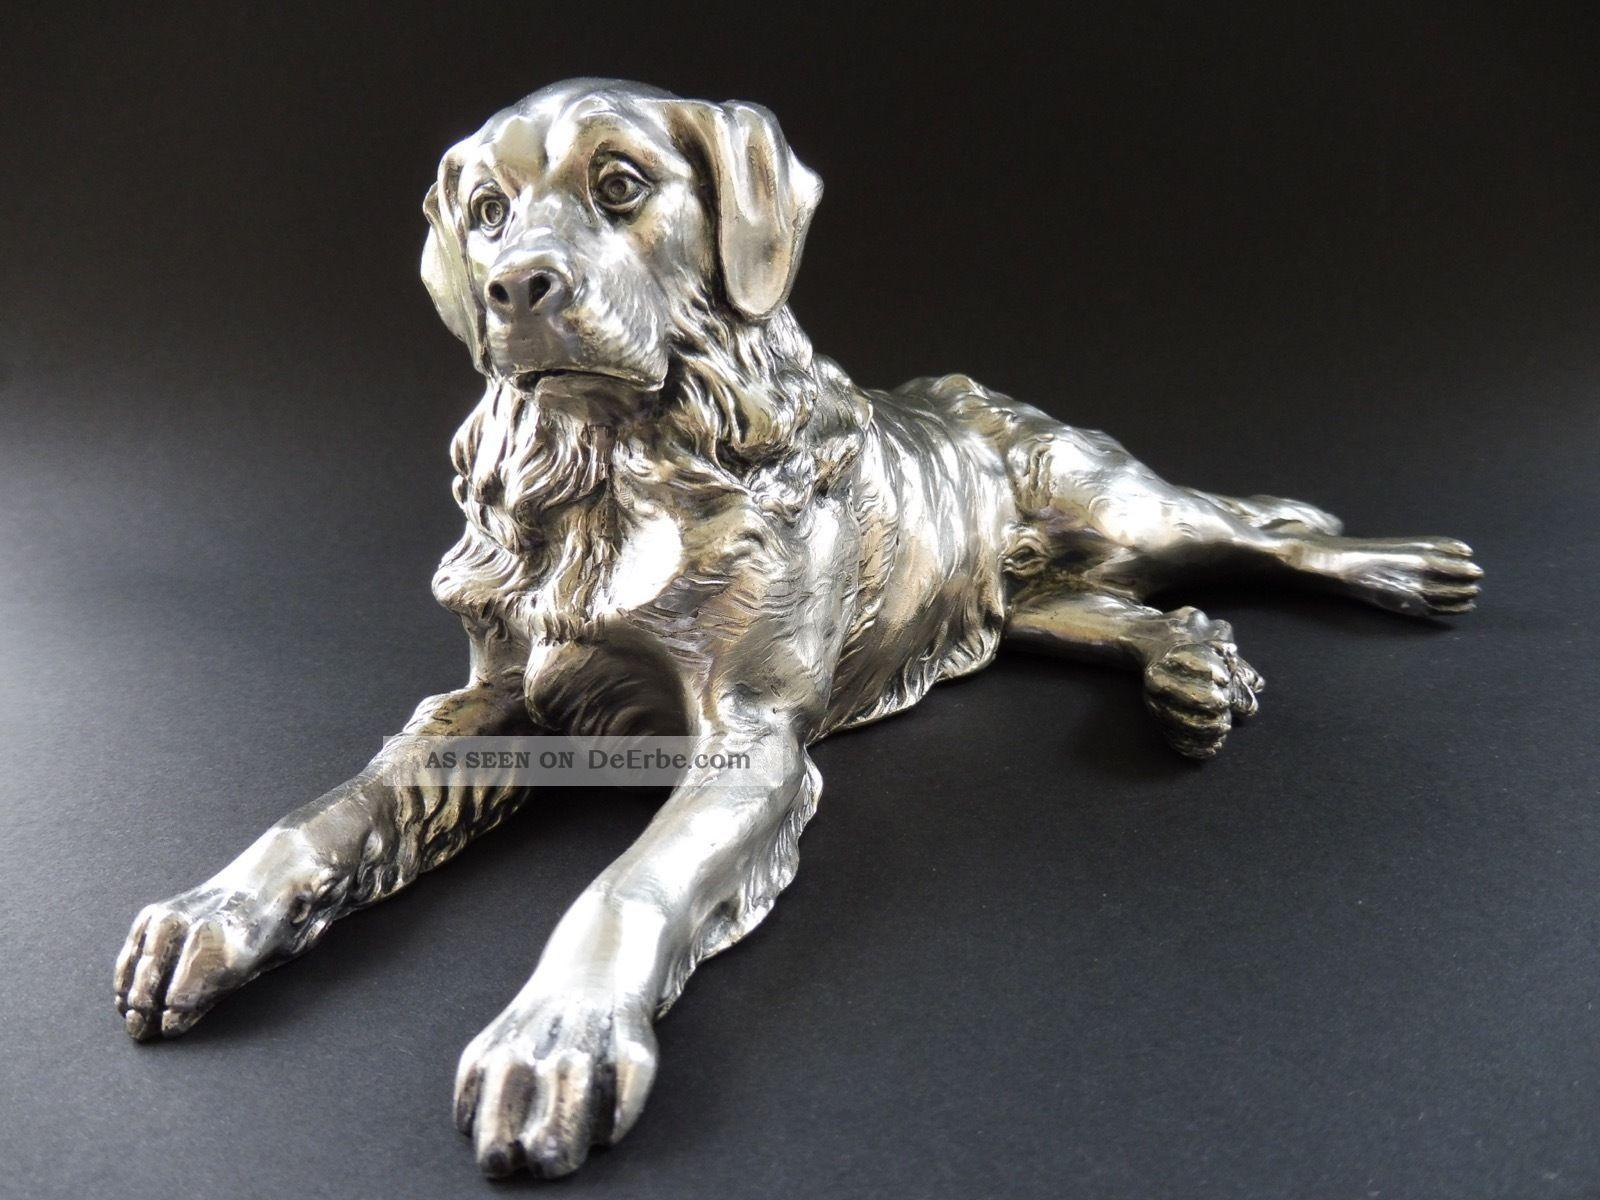 : Jugendstil Hund Dog Art Nouveau Bernhardiner Retriever Versilbert Figur 7c Wmf 1890-1919, Jugendstil Bild